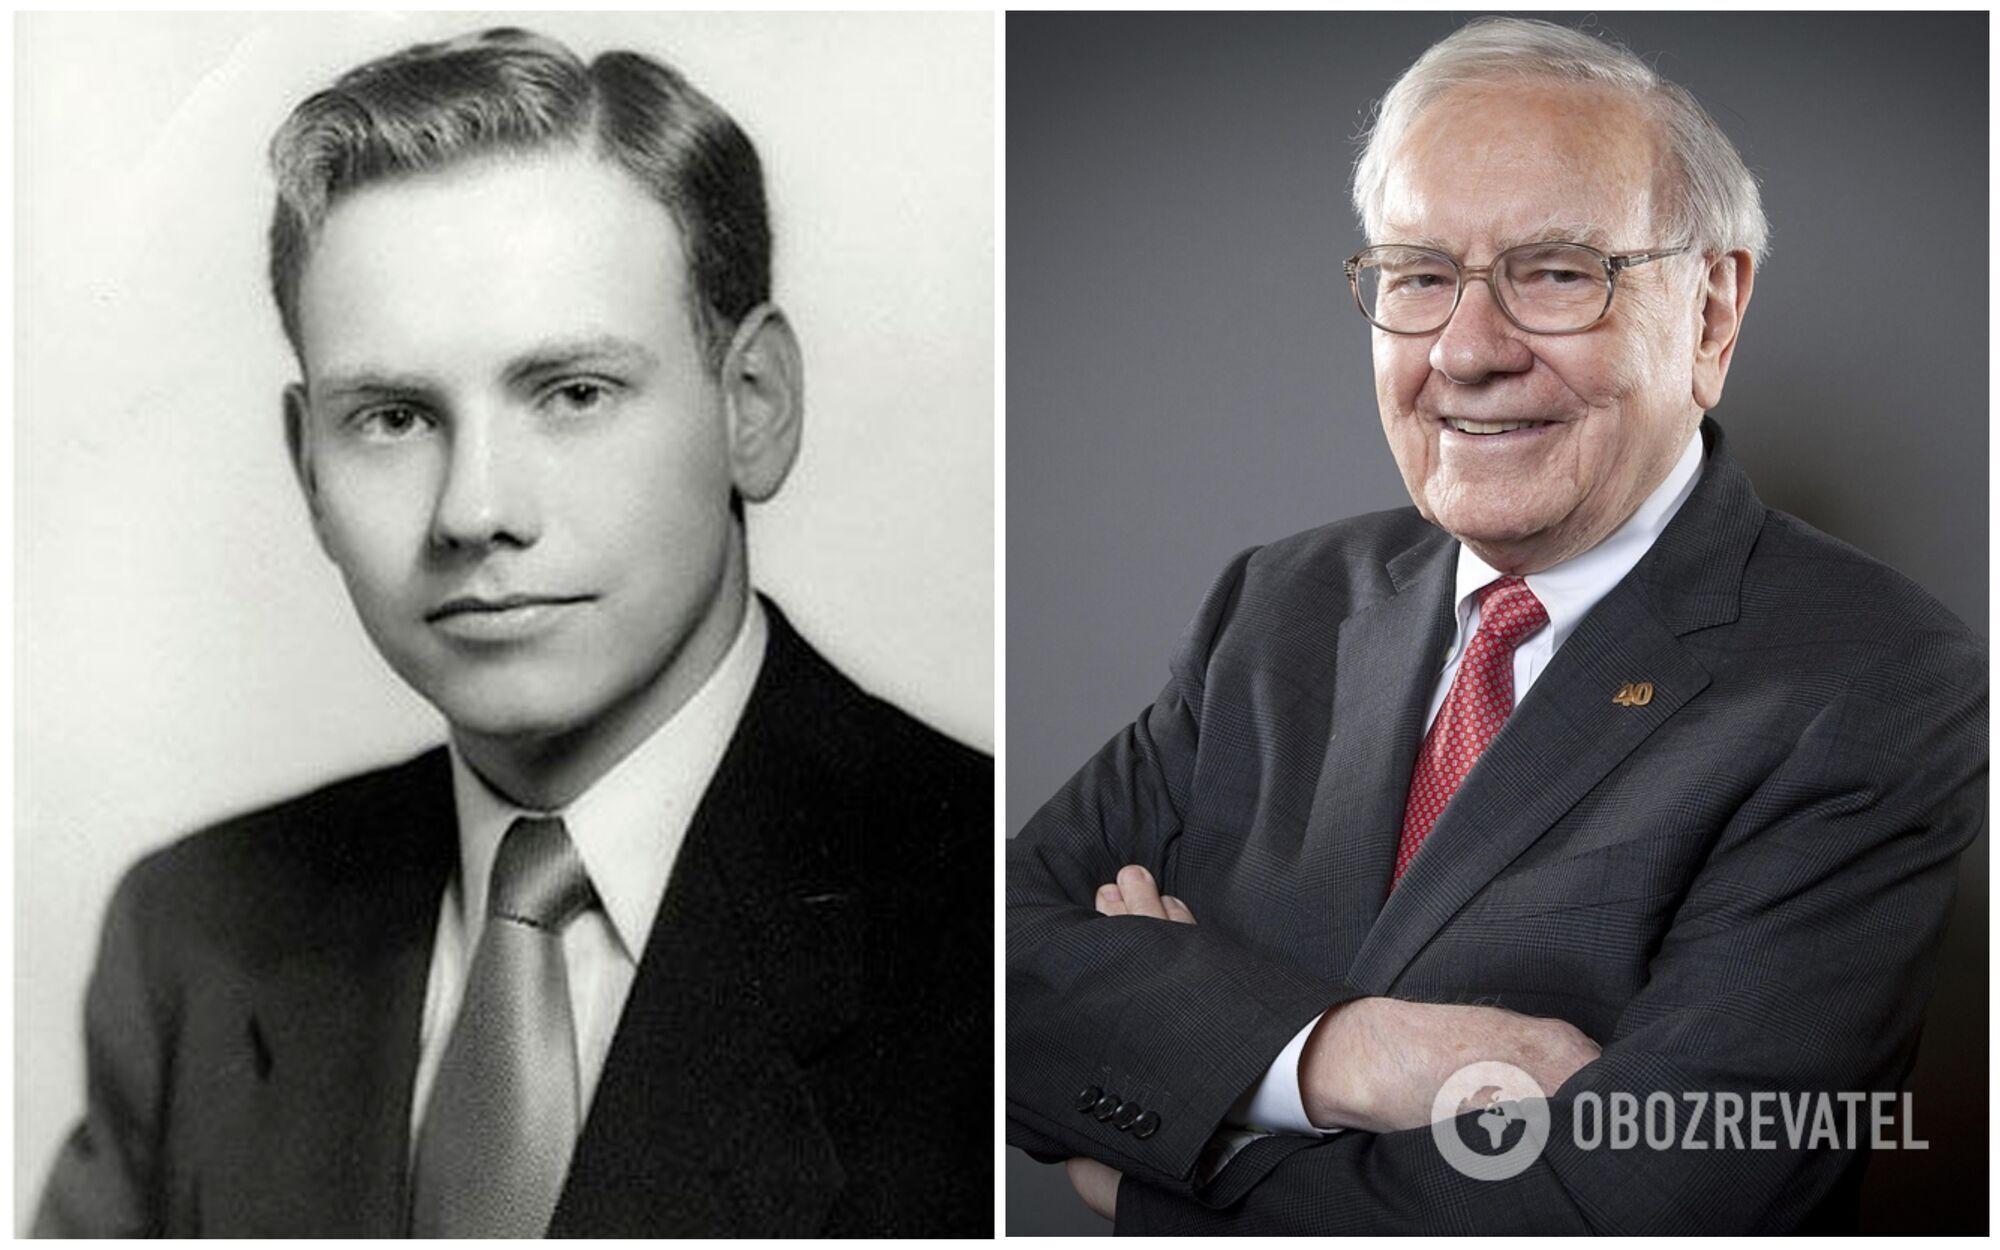 Уоррен Баффет вже в 11 років вперше спробував себе на біржі